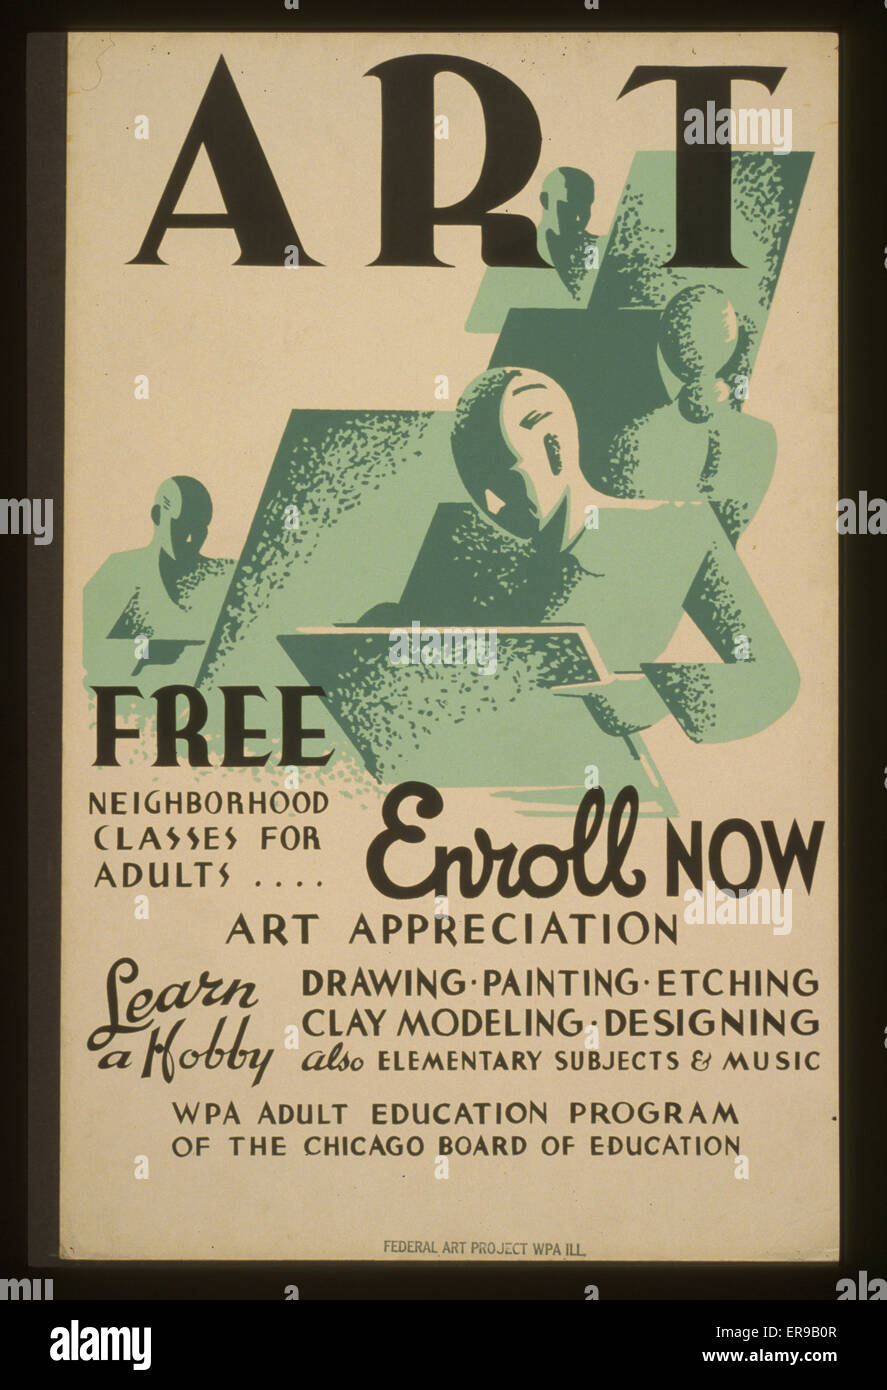 Arte - barrio gratis clases para adultos de inscribirse ahora ...